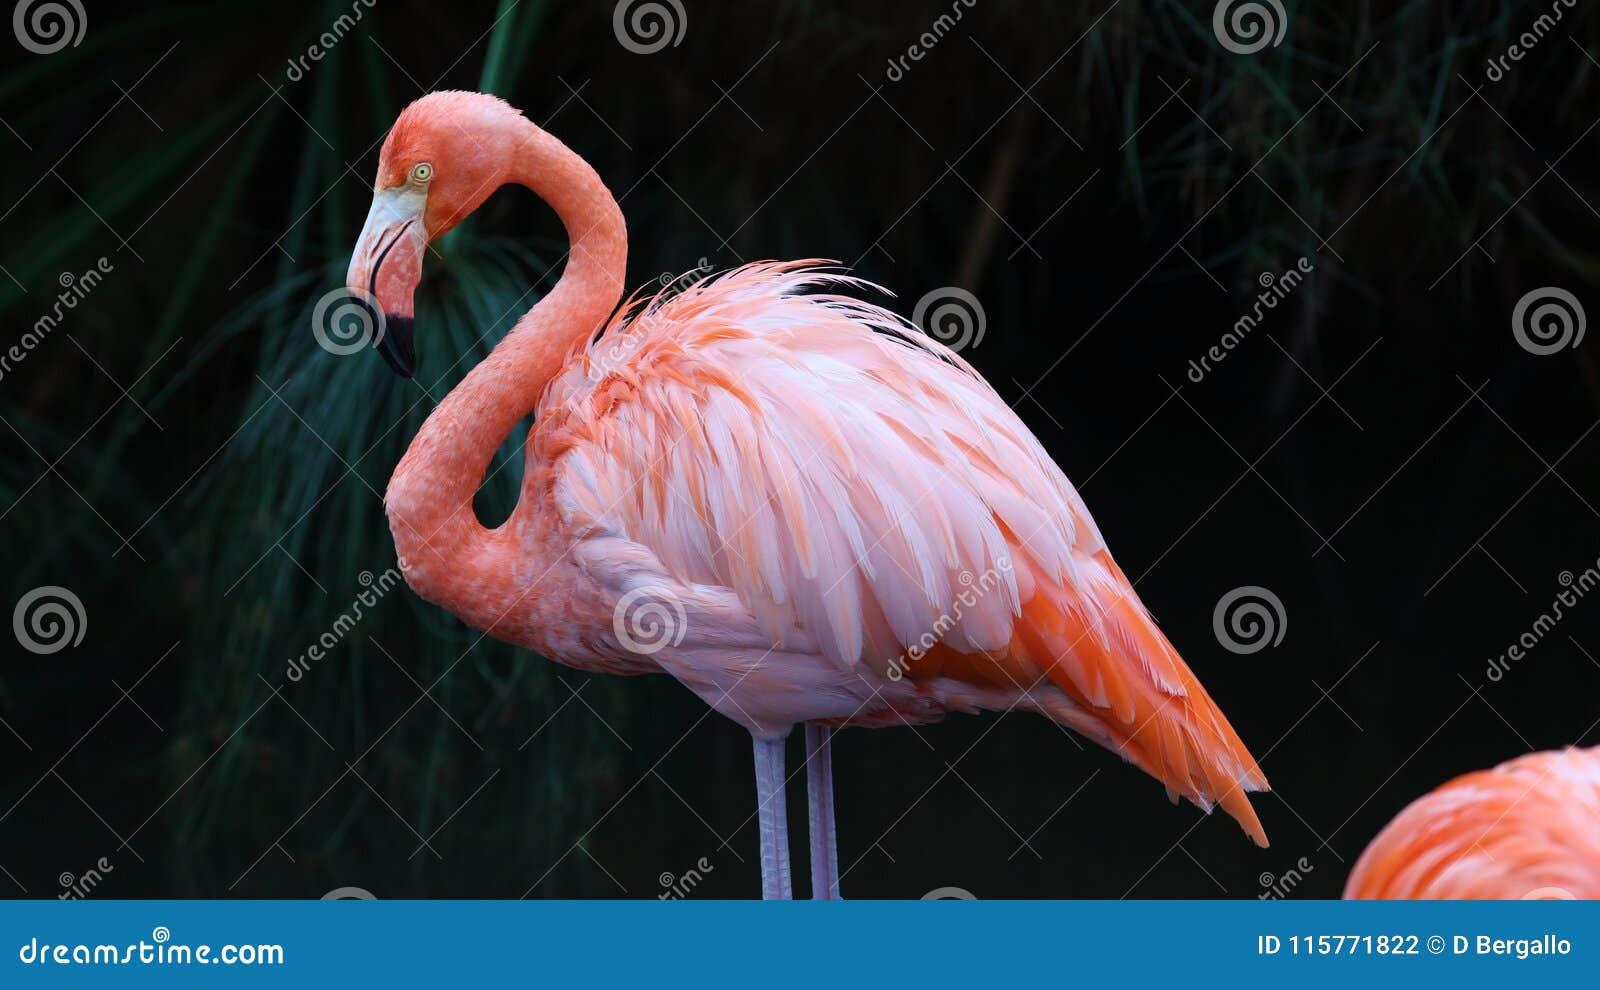 Flamingo vermelho original em um lago, foto alta da definição deste aviário maravilhoso em Ámérica do Sul